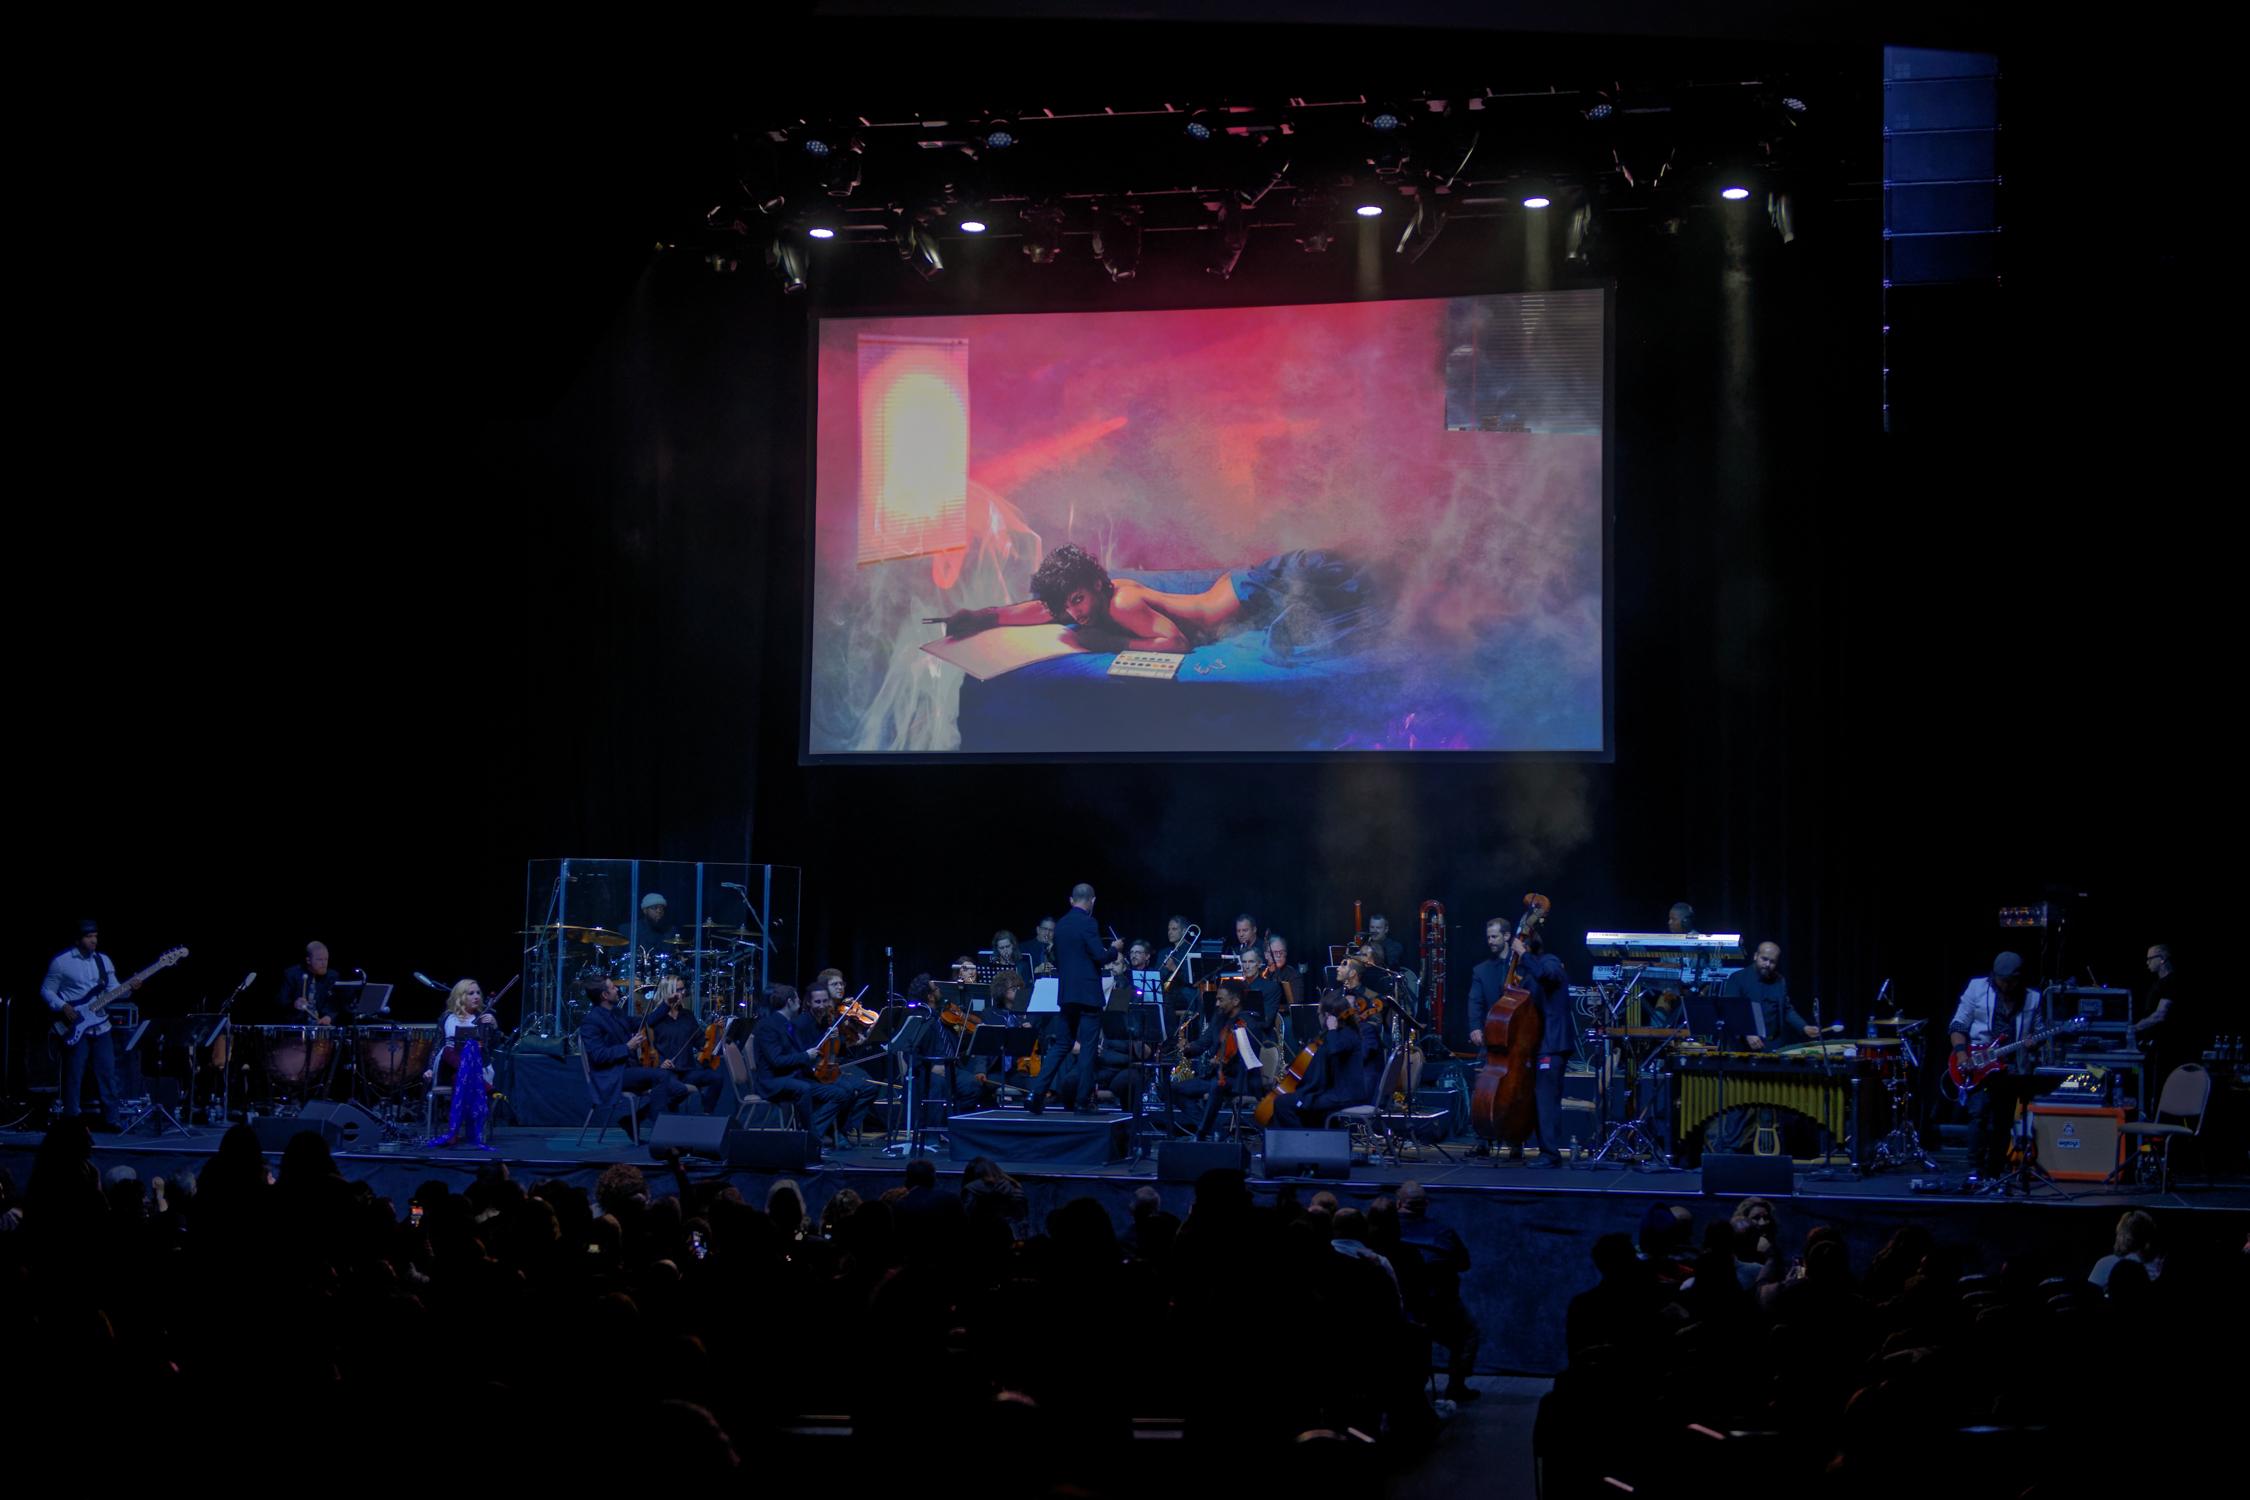 20190514 48 4U A Symphonic Celebration of Prince.jpg